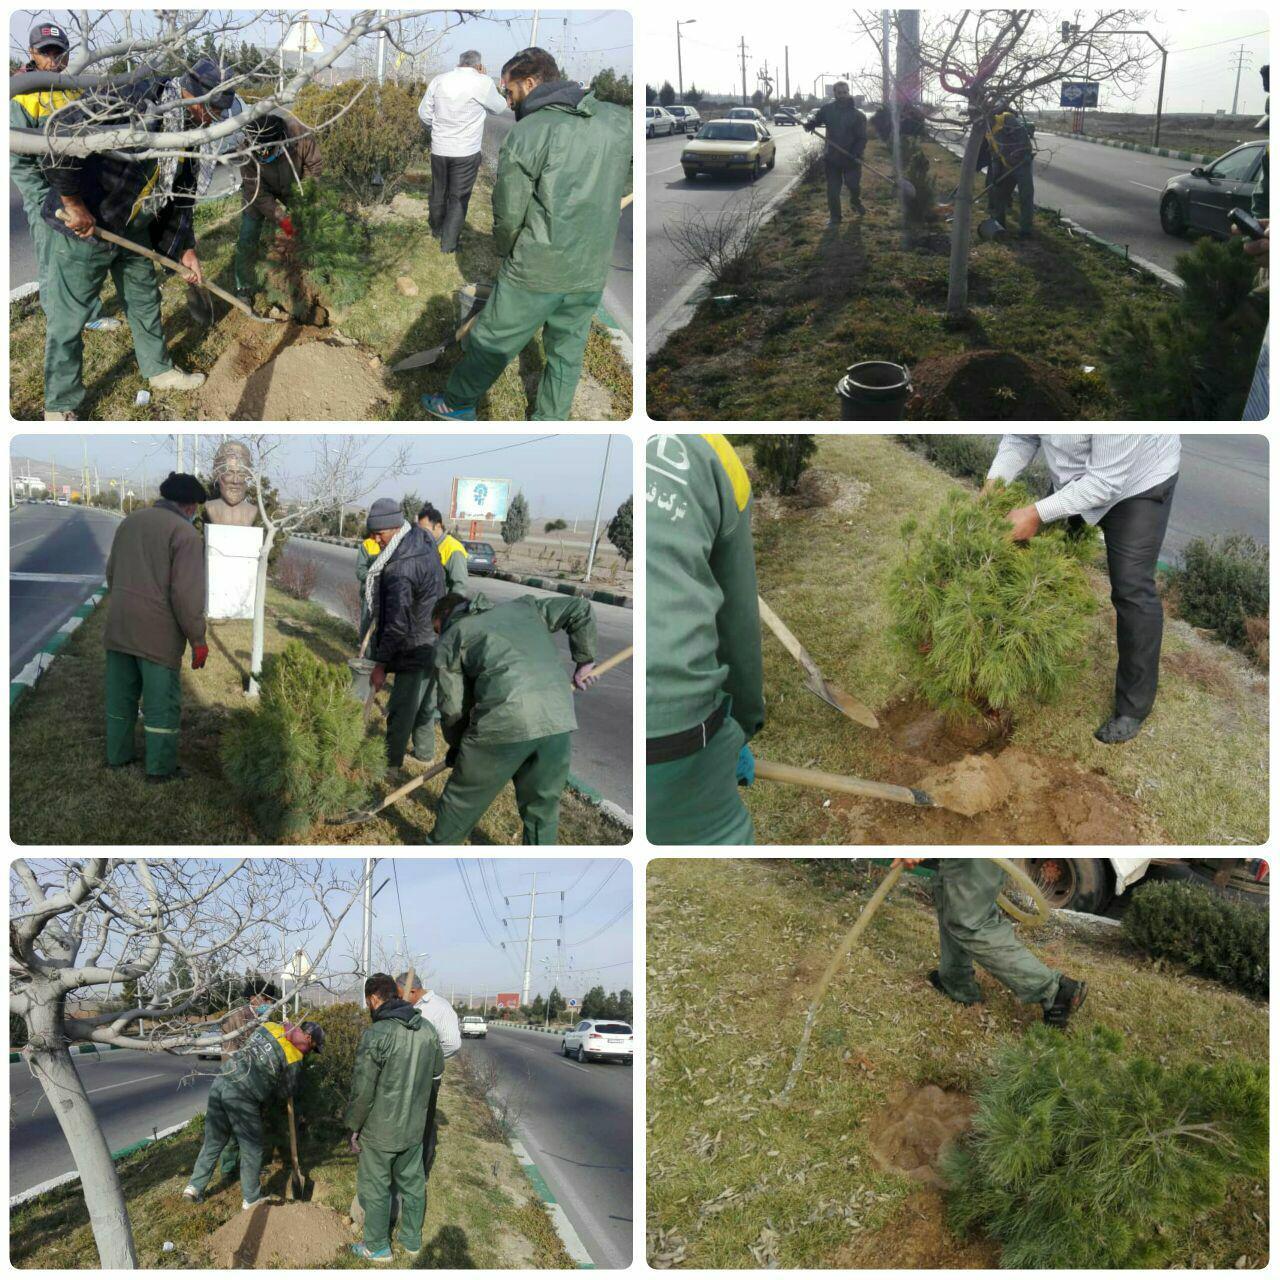 اجرای عملیات کاشت بیش از ۶۰۰ اصله درخت و درختچه در ورودی شهر پرند